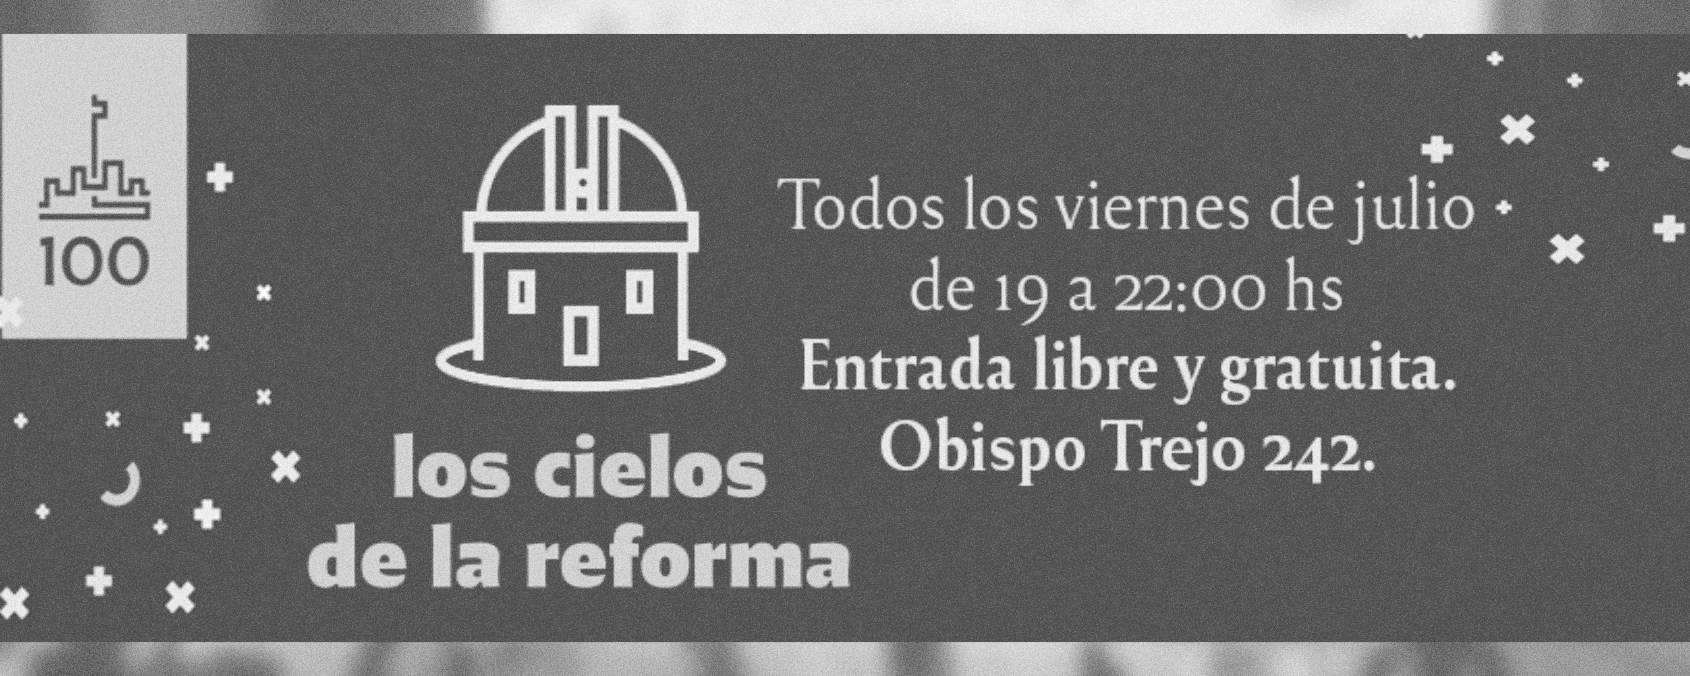 """En Julio llega el ciclo """"Los cielos de la reforma"""""""